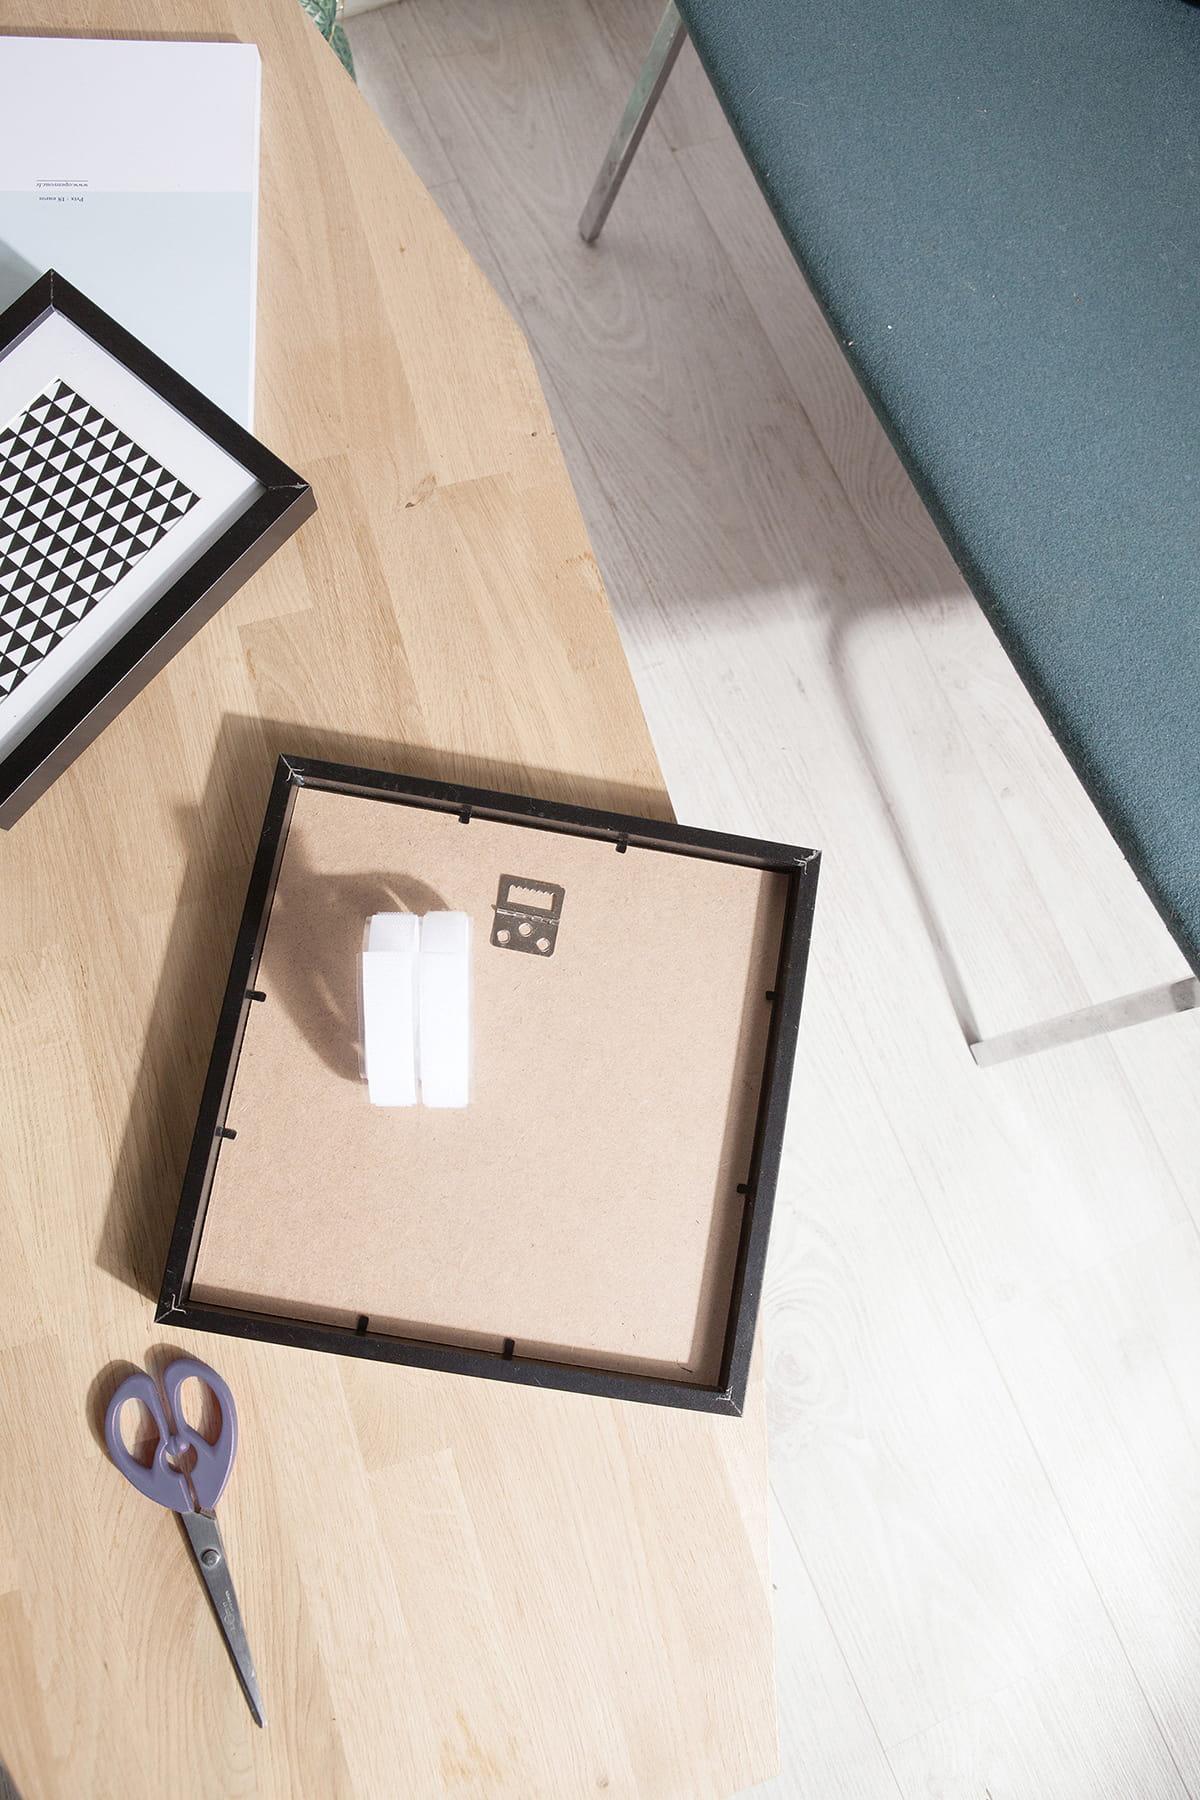 20 solutions pour fixer sans percer vos murs - Comment Accrocher Un Tableau Sans Attache